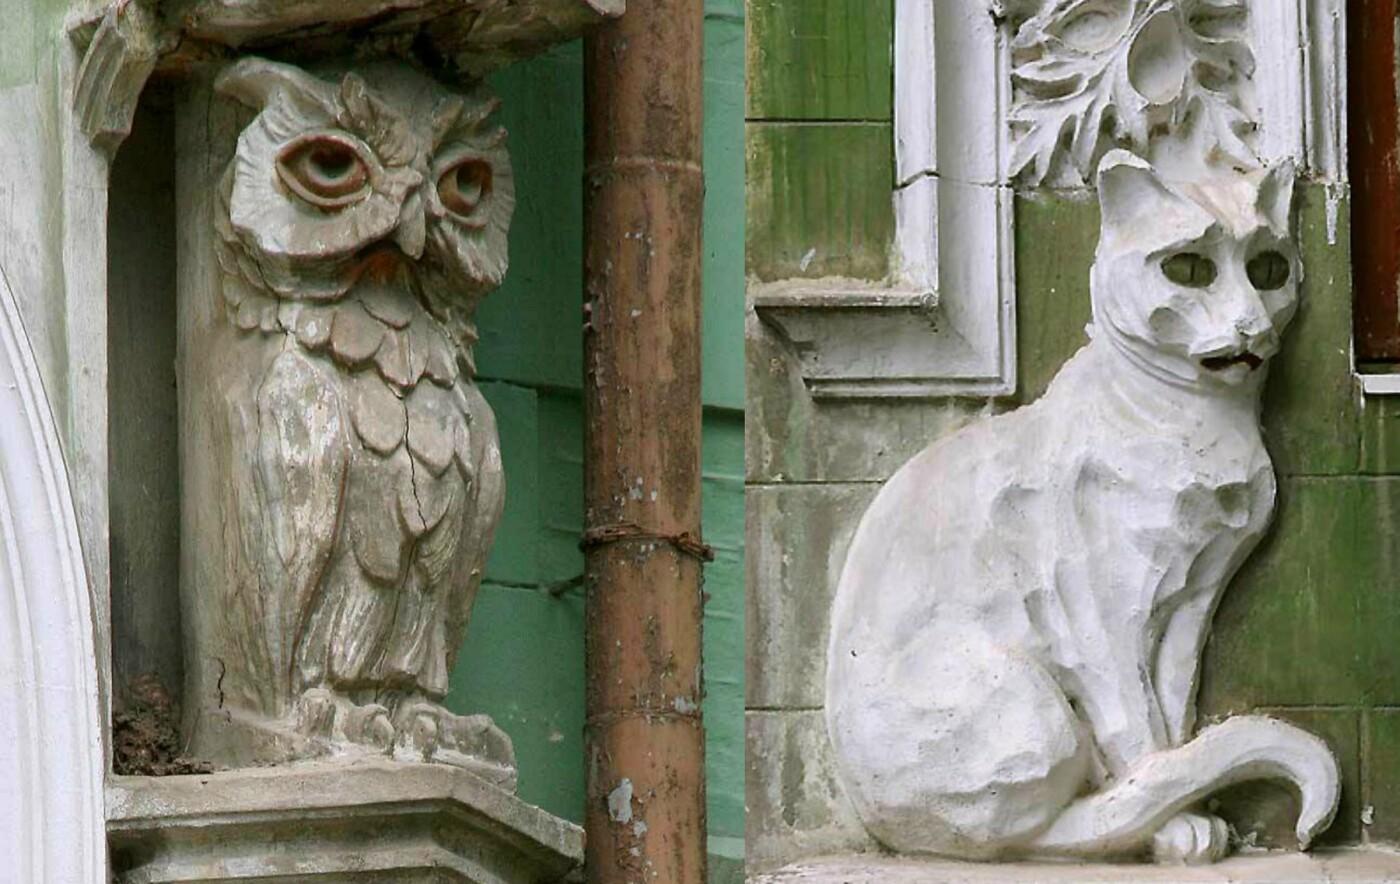 Ретро Киев: ТОП-5 старинных домов столицы, которые потрясают своей красотой, фото-7